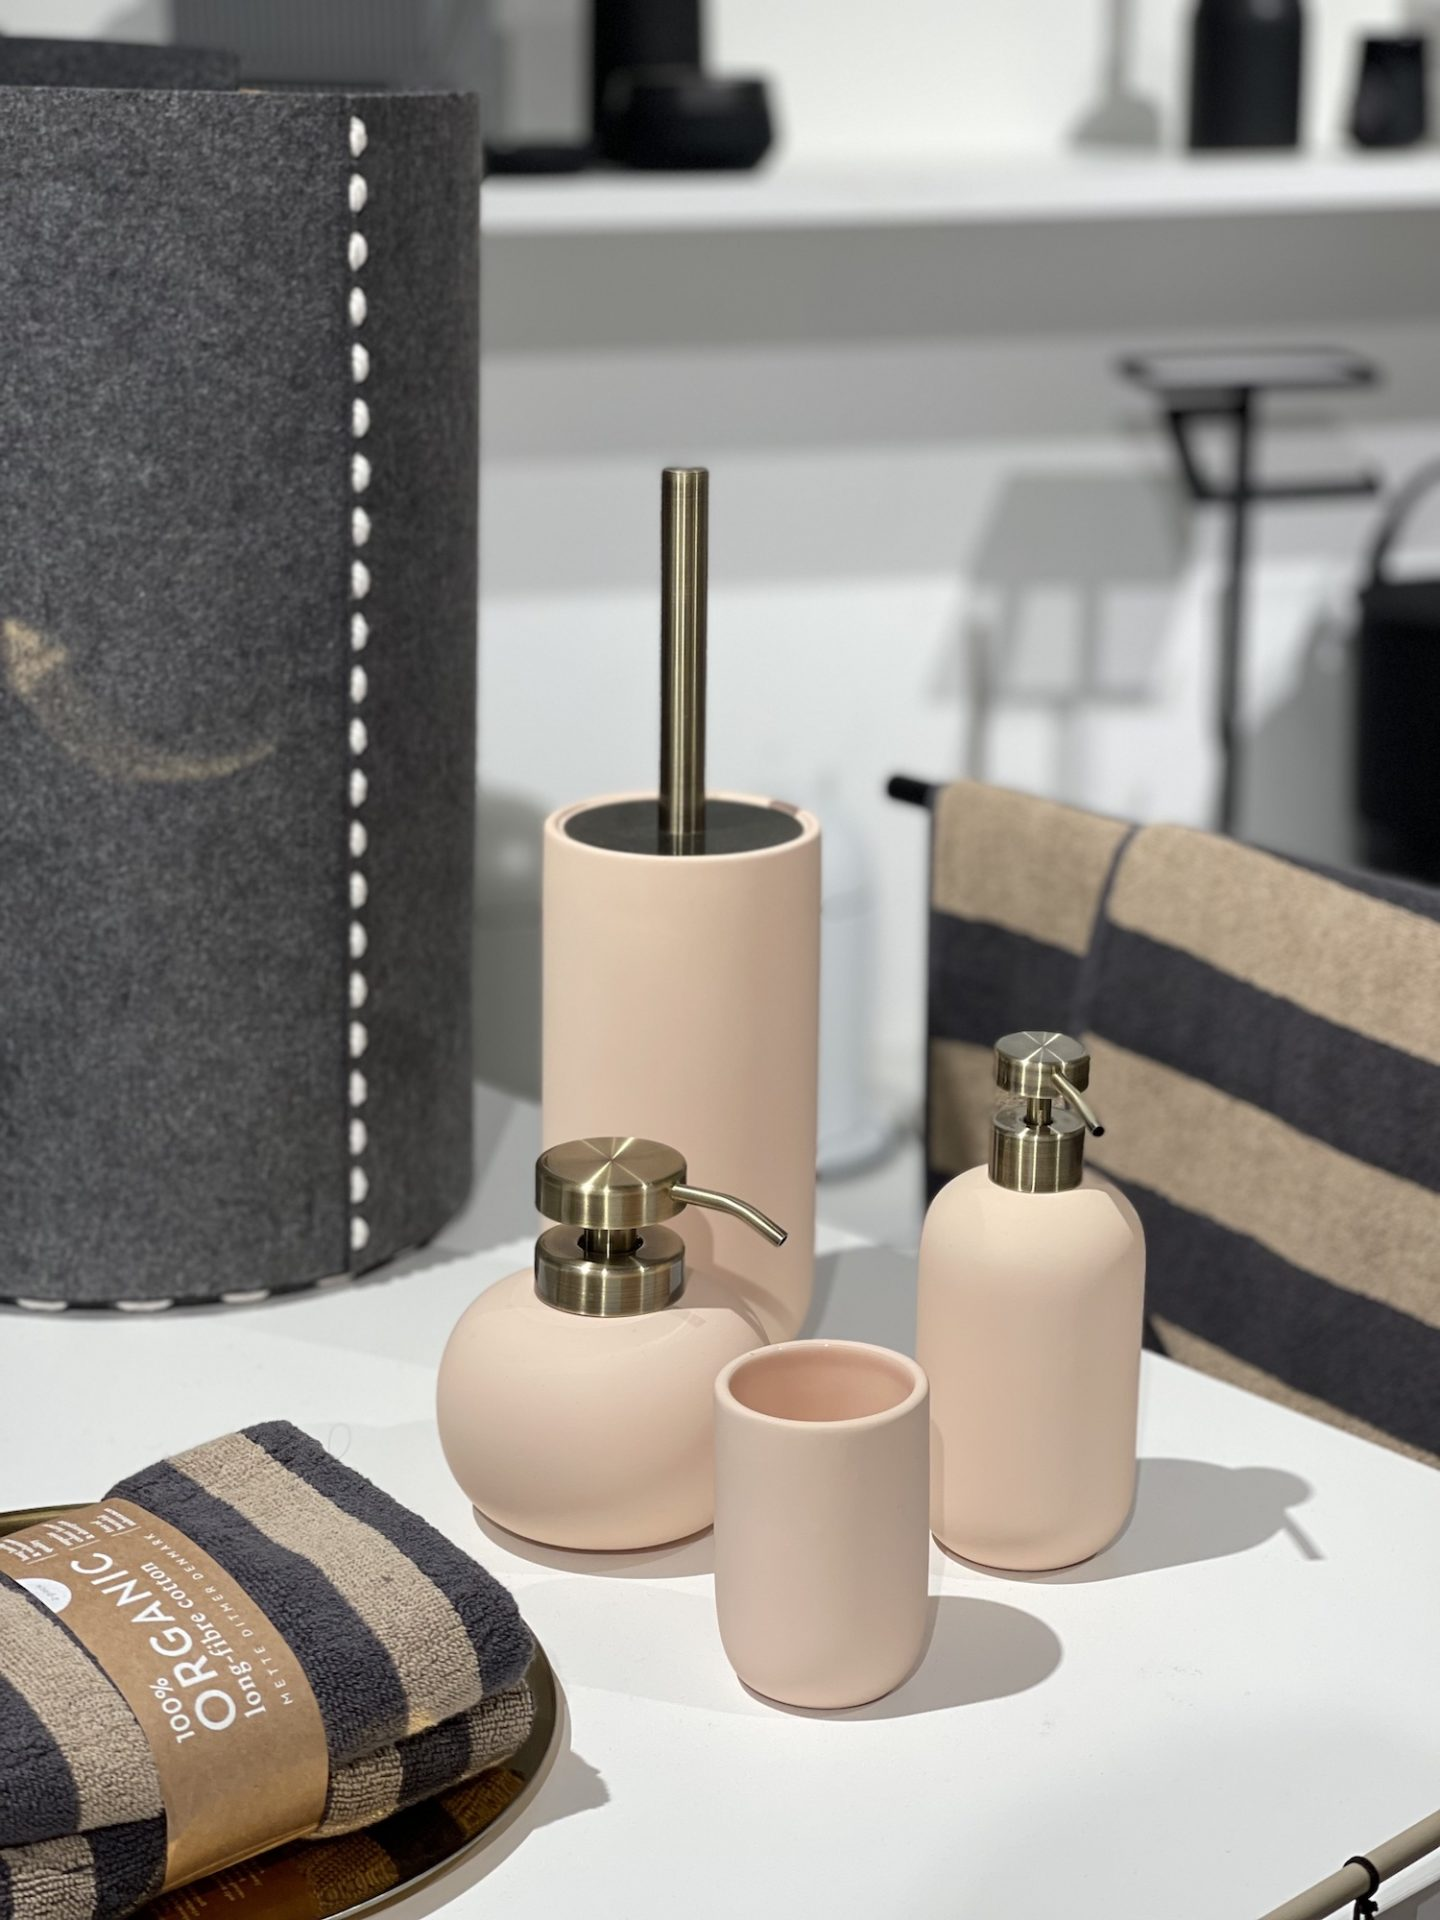 אביזרים לחדר אמבטיה טולמנס דוט במתחם העיצוב רידיזיין redesign13